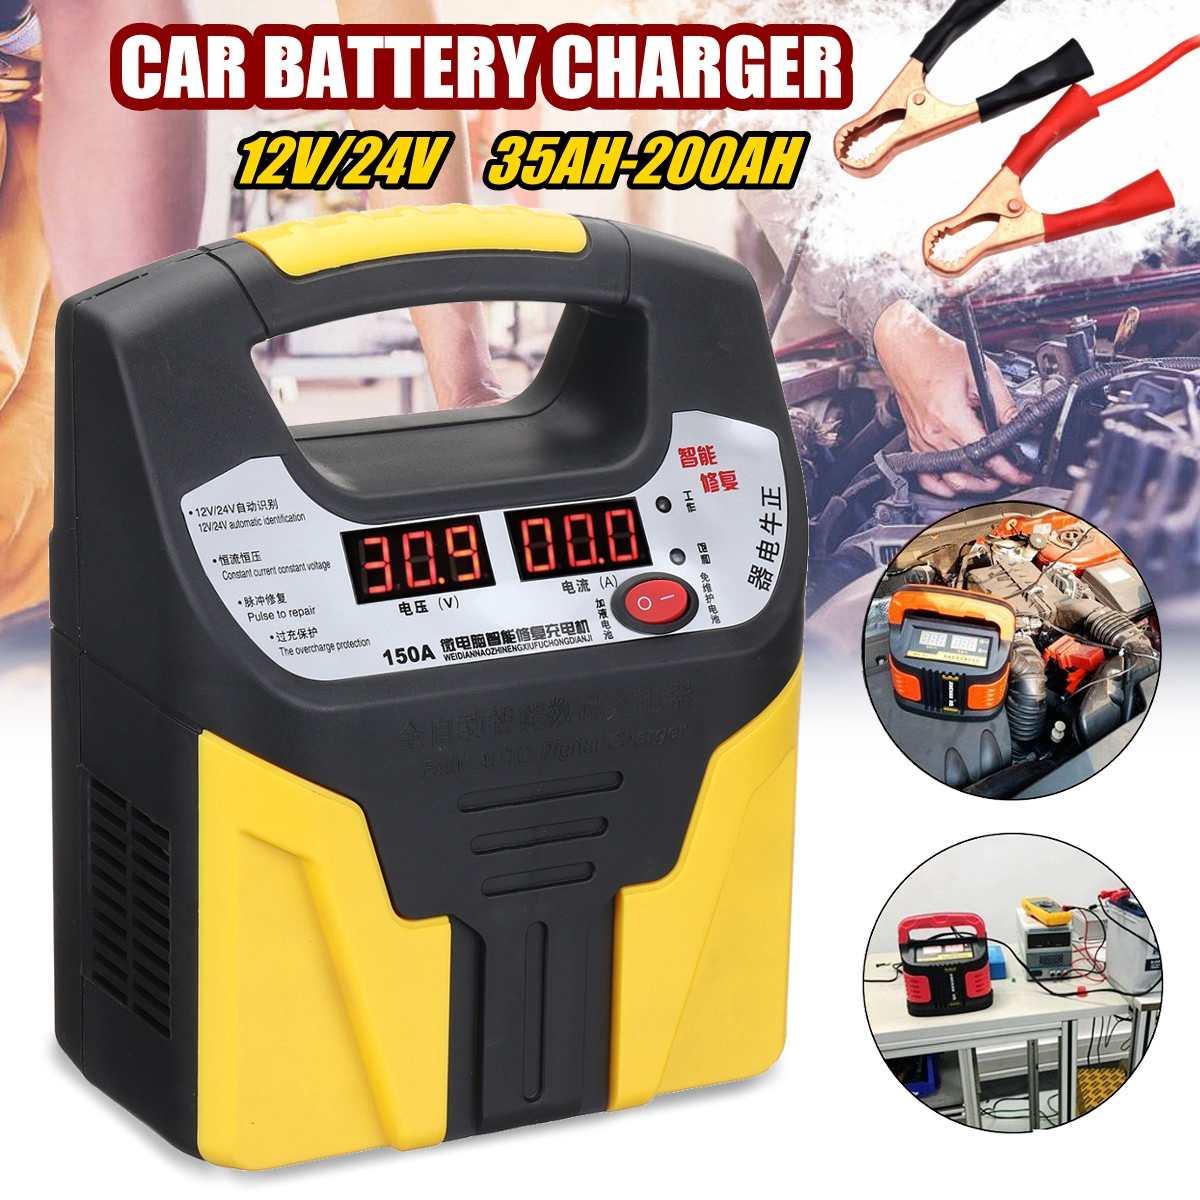 Chargeur automatique de batterie de stockage de voiture 12 V/24 V LCD impulsion intelligente 110/220V réparation pour batterie au Lithium au plomb acide 35AH-200AH